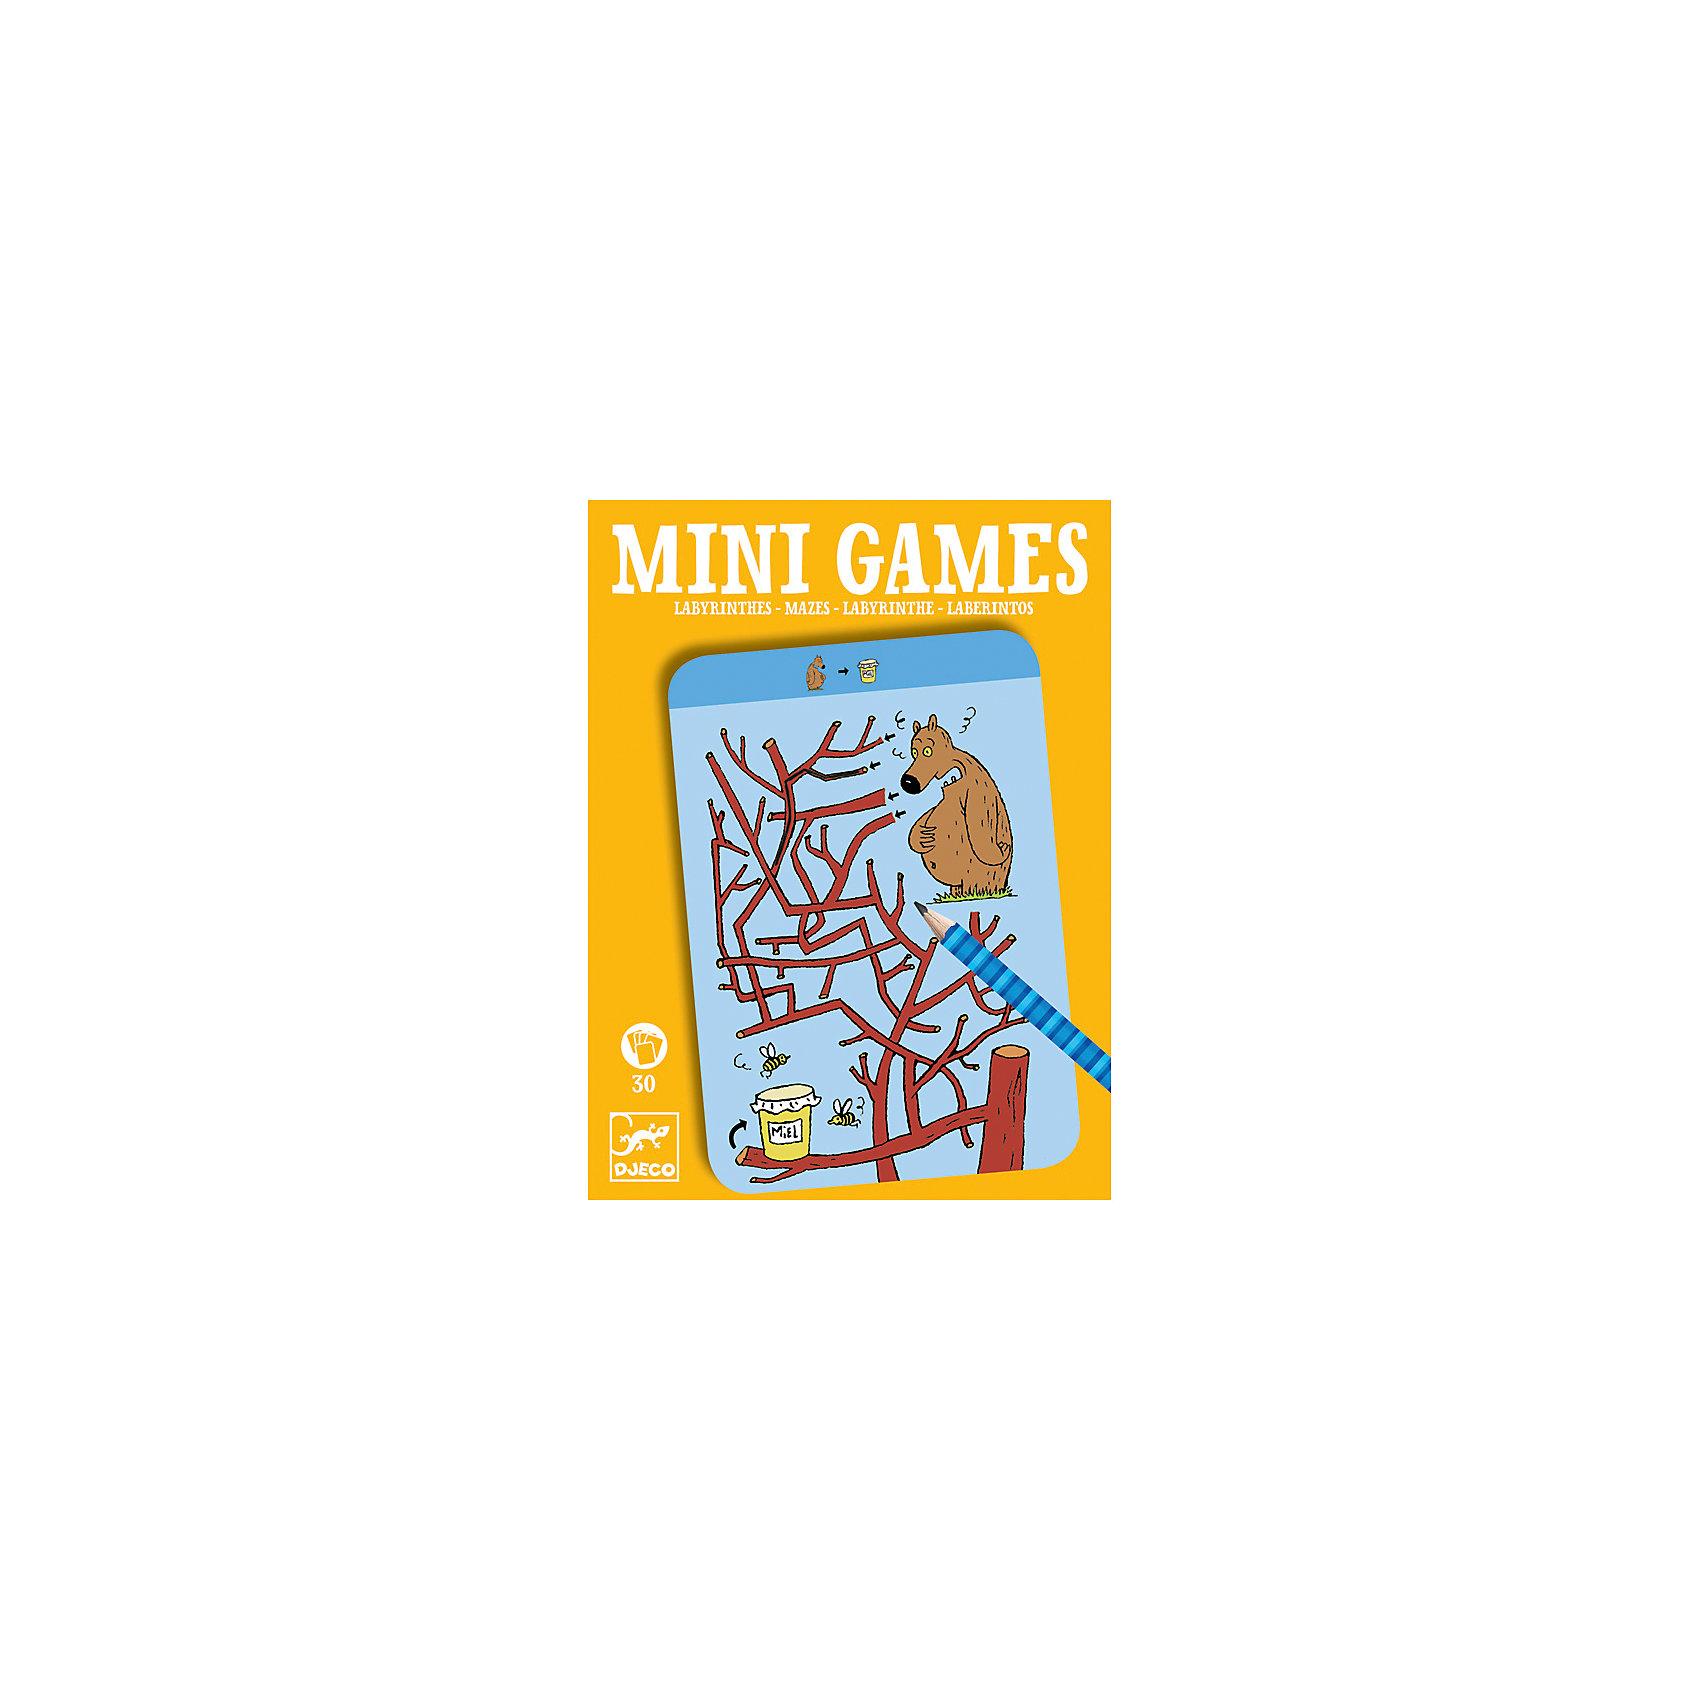 Мини игра Лабиринты Тесея,  DJECOРазвивающие игры<br>Забудьте о скучных путешествиях вместе с замечательной игрой Лабиринты Тесея от DJECO (Джеко). Теперь в мини формате! Игра очень красивая и компактная, поэтому она идеальный спутник для маленького непоседы. В комплекте 30 игровых карточек на которых нарисованы любимые детьми забавные картинки. Цель игры заключается в том, чтобы помочь персонажам игры добраться до нужного места, проводя животных через сложный лабиринт и не попасть в тупик. На игровых карточках изображены запутанные лабиринты и герои, которым необходима помощь. Помогите животным выйти из лабиринта и не заблудиться! Игра настолько увлекательная, что ее можно использовать и для целой компании, находя нужную дорогу на скорость. Очень важно развивать у малыша внимание, усидчивость и логику. А лучше делать все это во время увлекательной игры, которая никогда не надоедает, ведь в наборе карточки с занимательными сюжетами!<br><br>Дополнительная информация: <br><br>- В наборе: 30 игровых карточек, карандаш;<br>- Удобно брать в путешествия;<br>- Можно играть одному или с компанией ;<br>- Отличный подарок;<br>- Понравится и взрослым и детям;<br>- Игра  продается в красивой картонной коробке;<br>- Размер упаковки: 11 х 15 х 2 см;<br>- Вес: 250 г<br><br>Мини игру Лабиринты Тесея,  DJECO (Джеко) можно купить в нашем интернет-магазине.<br><br>Ширина мм: 110<br>Глубина мм: 150<br>Высота мм: 13<br>Вес г: 170<br>Возраст от месяцев: 72<br>Возраст до месяцев: 144<br>Пол: Унисекс<br>Возраст: Детский<br>SKU: 3778413